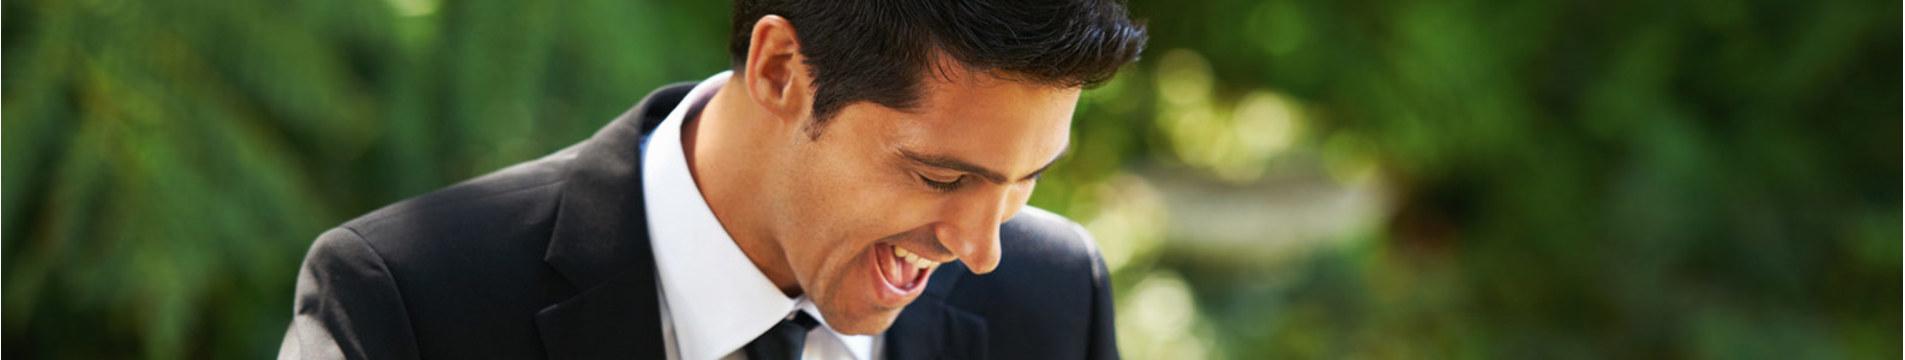 grooms-speech-jokes.jpg